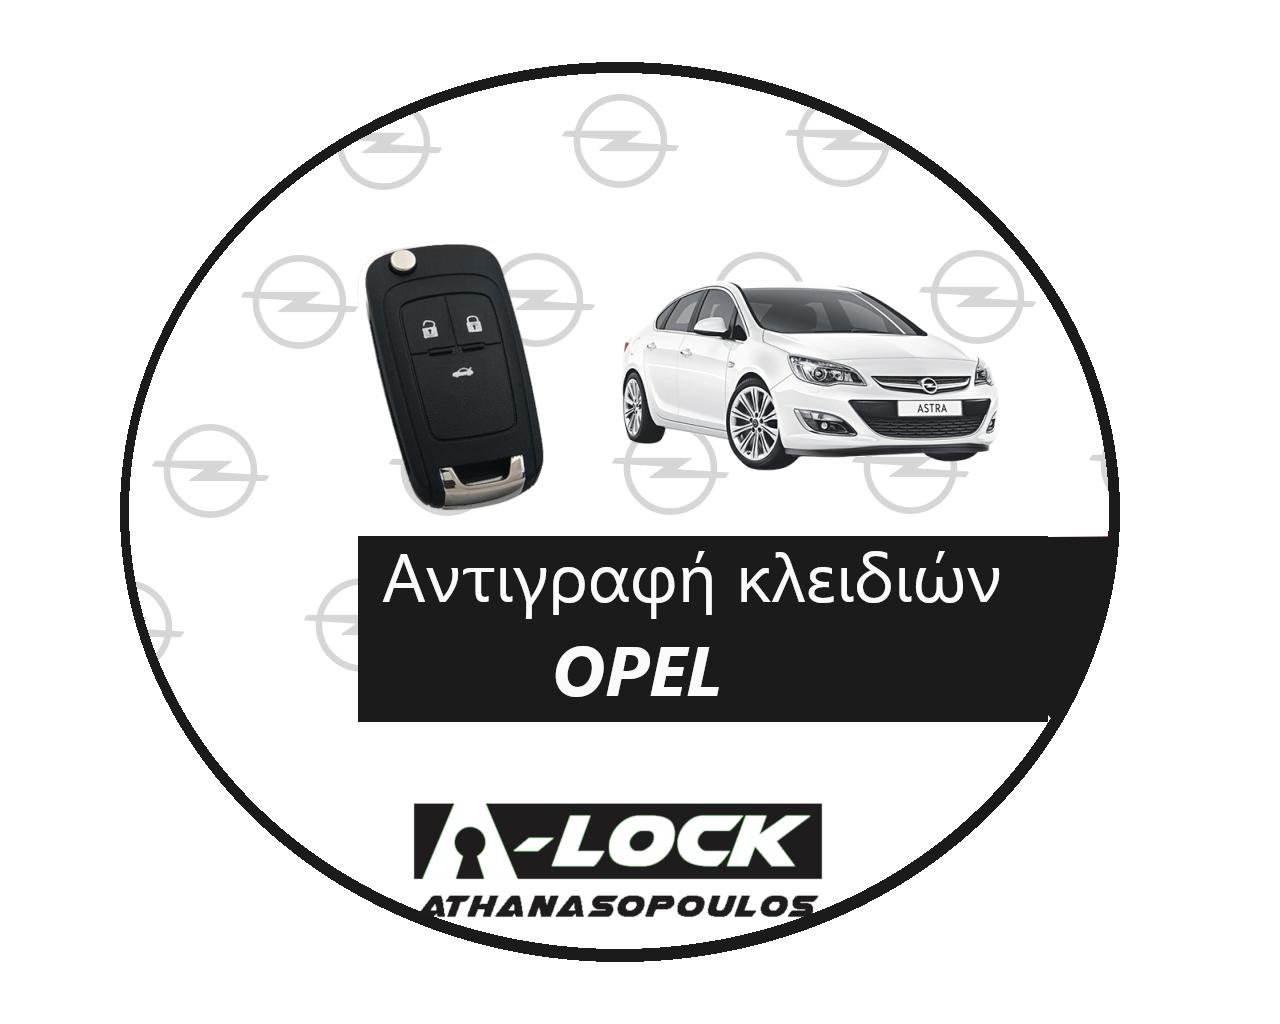 Αντιγραφή Κλειδιά Immobilizer Αυτοκινήτου OPEL - 24 Ωρες Κλειδαράς Γαλάτσι A-Lock Αθανασόπουλος